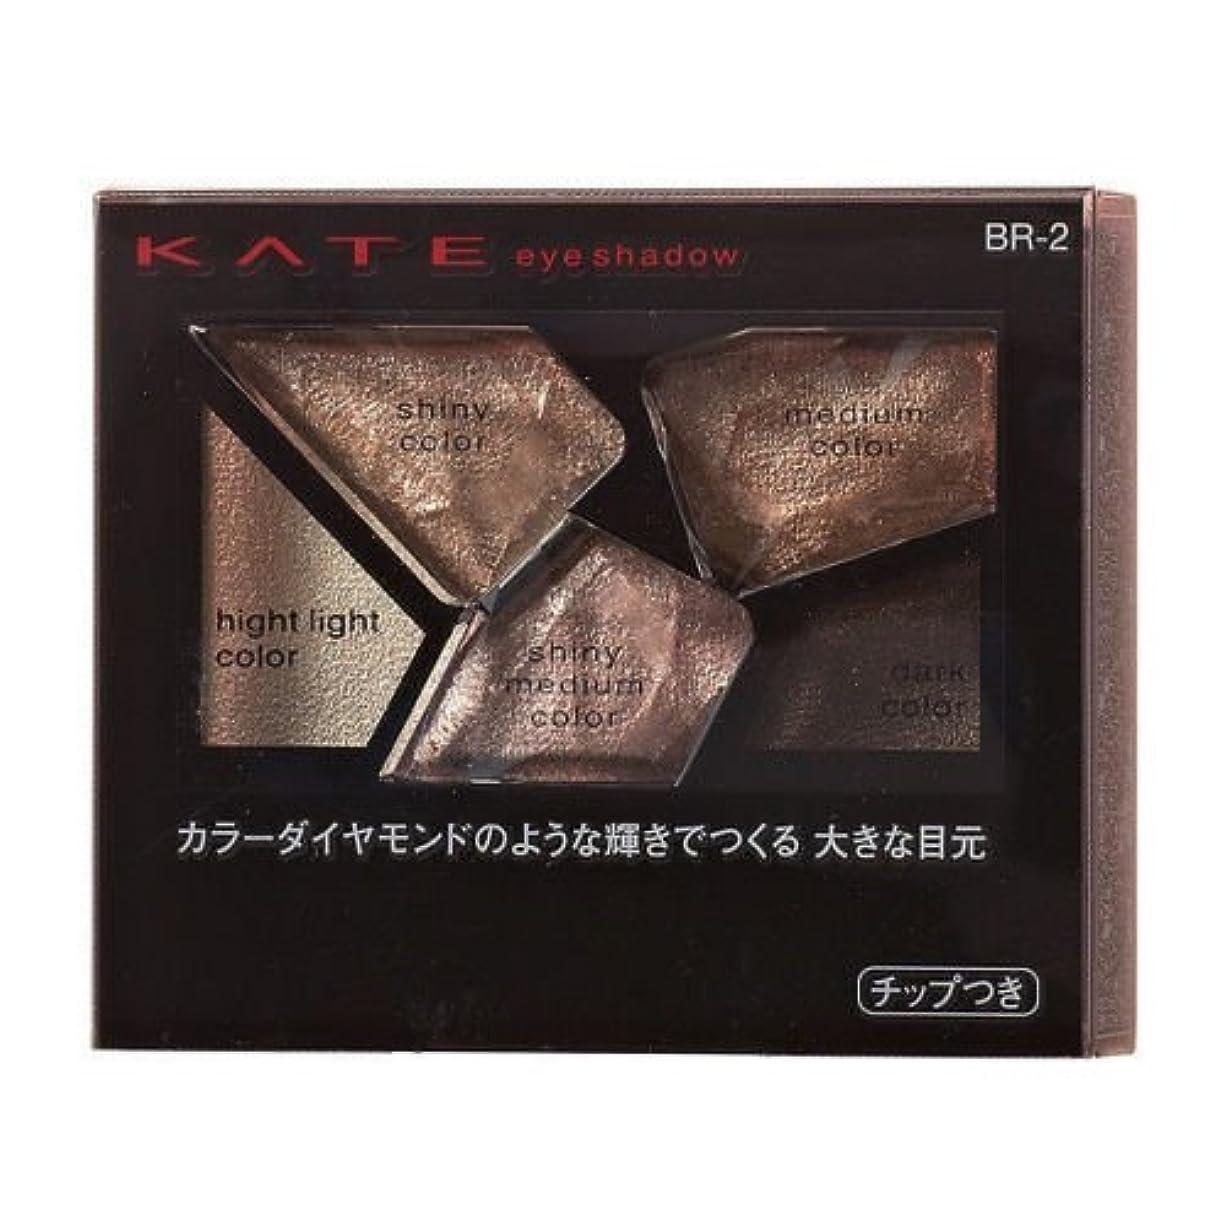 呼吸マンモス病【カネボウ】ケイト カラーシャスダイヤモンド #BR-2 2.8g